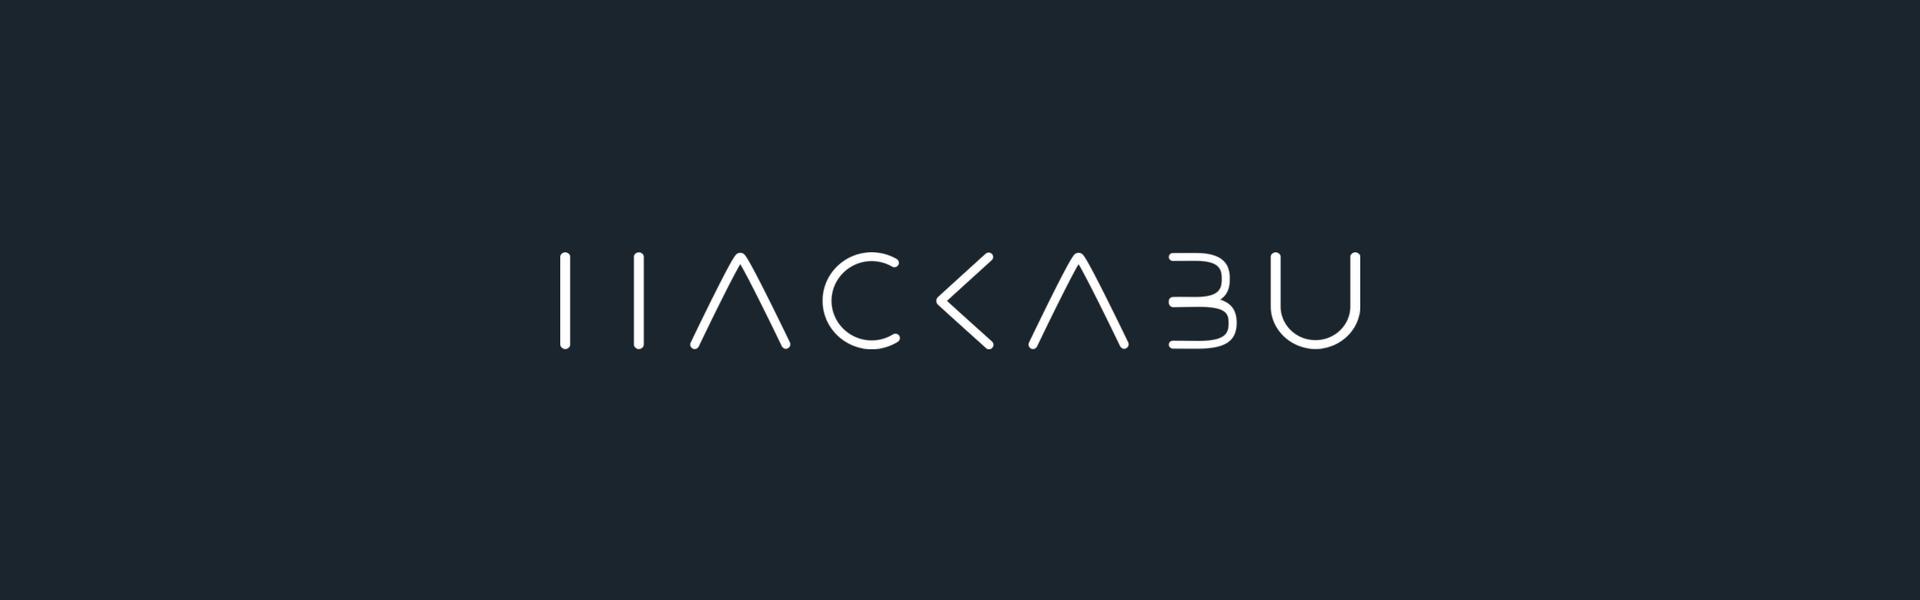 Hackabu cover